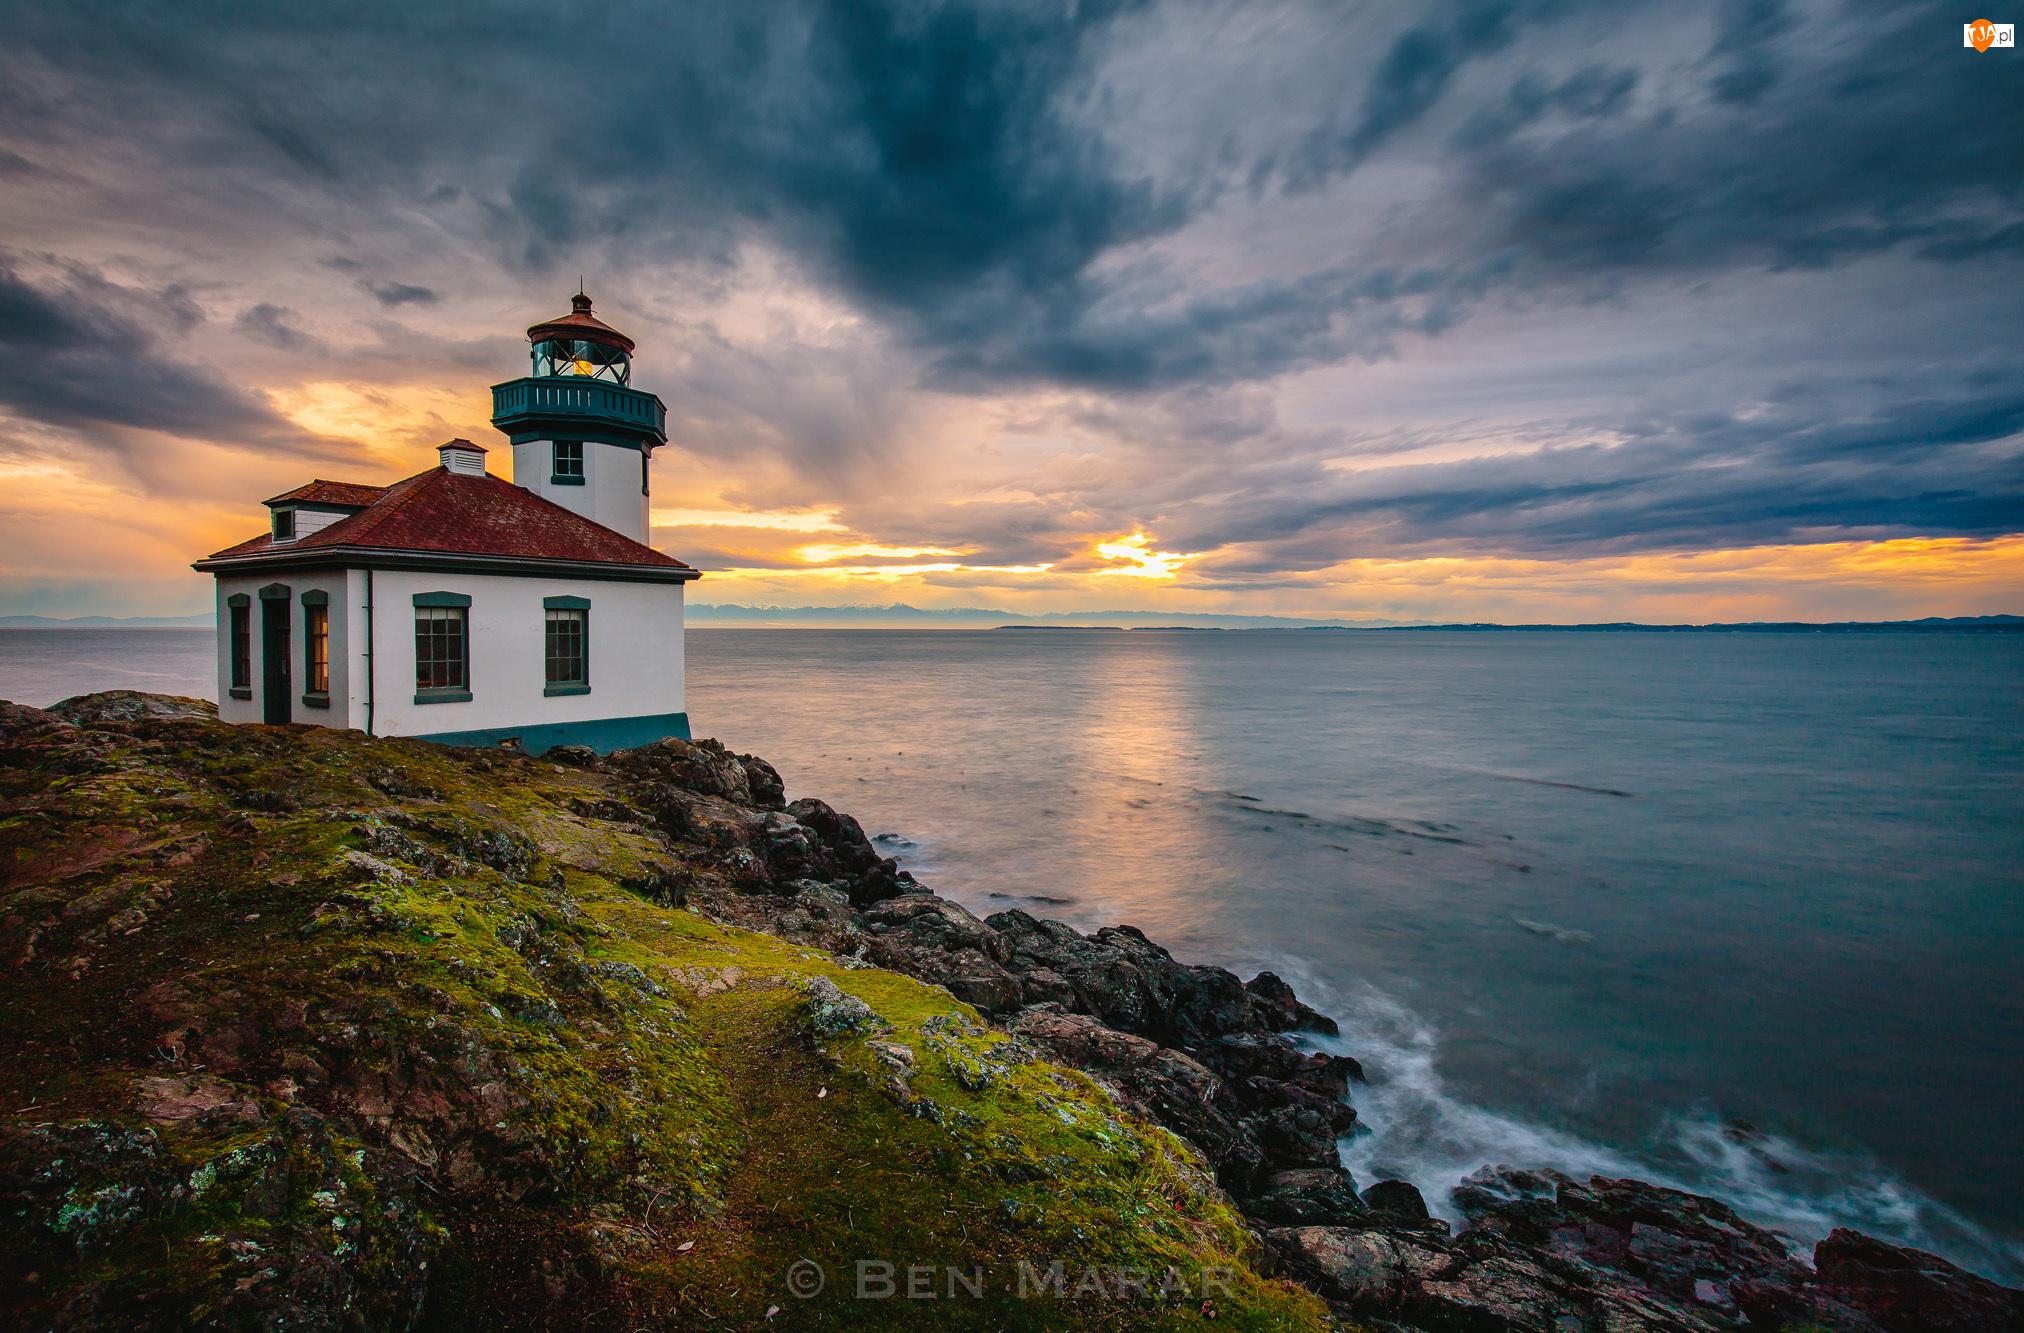 Skały, Latarnia morska Lime Kiln, Stany Zjednoczone, Morze, Stan Waszyngton, Friday Harbor, Chmury